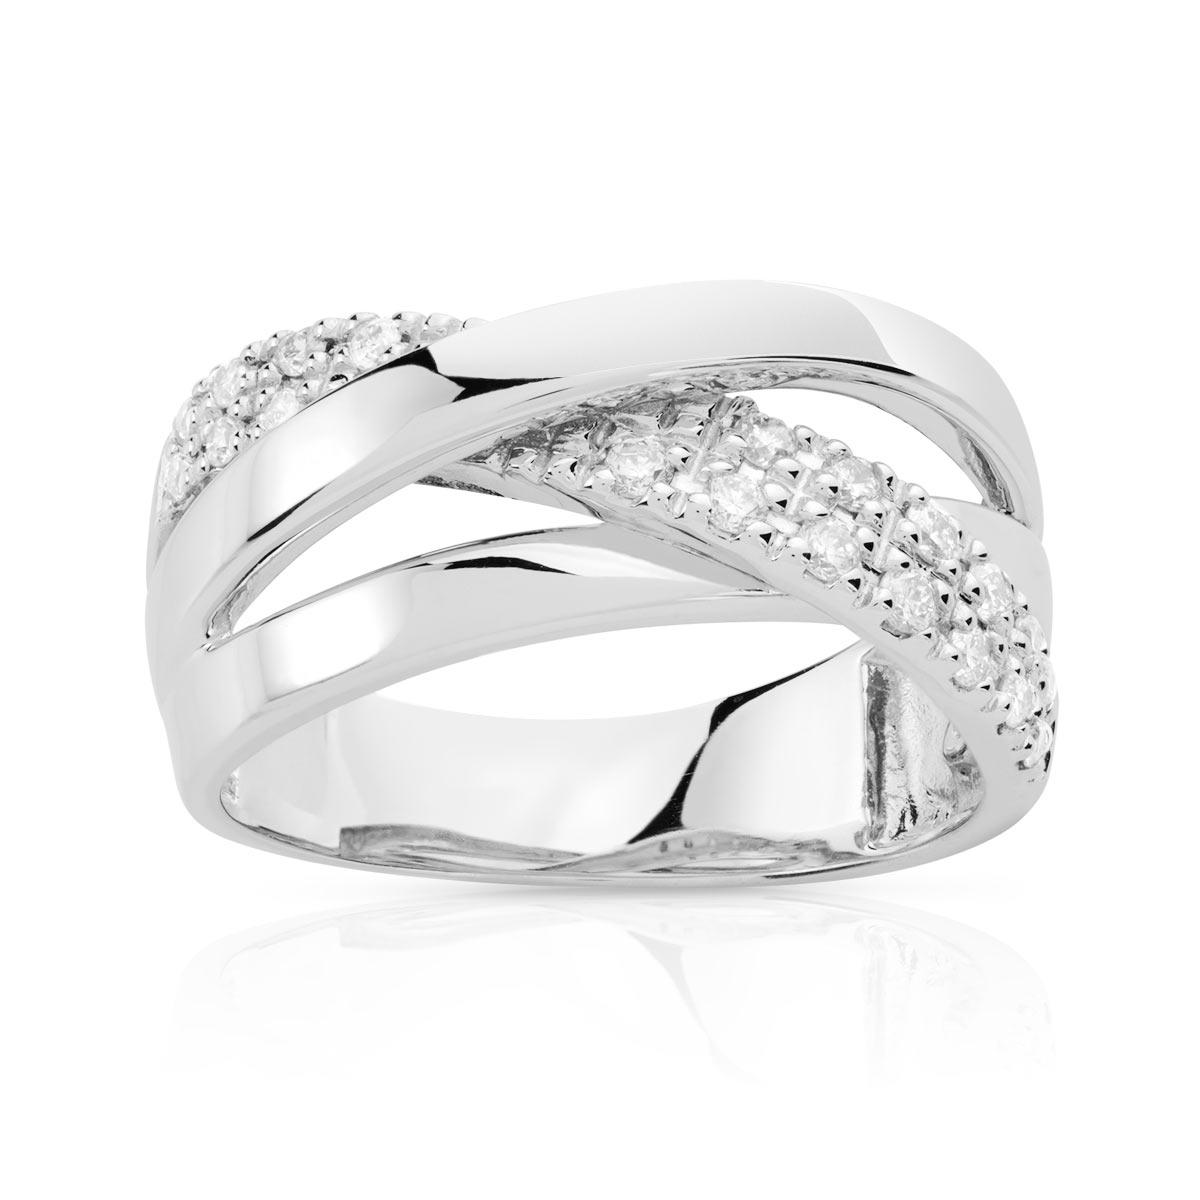 6f61cb48bd5 Bague or 750 blanc diamant - Femme - Bague